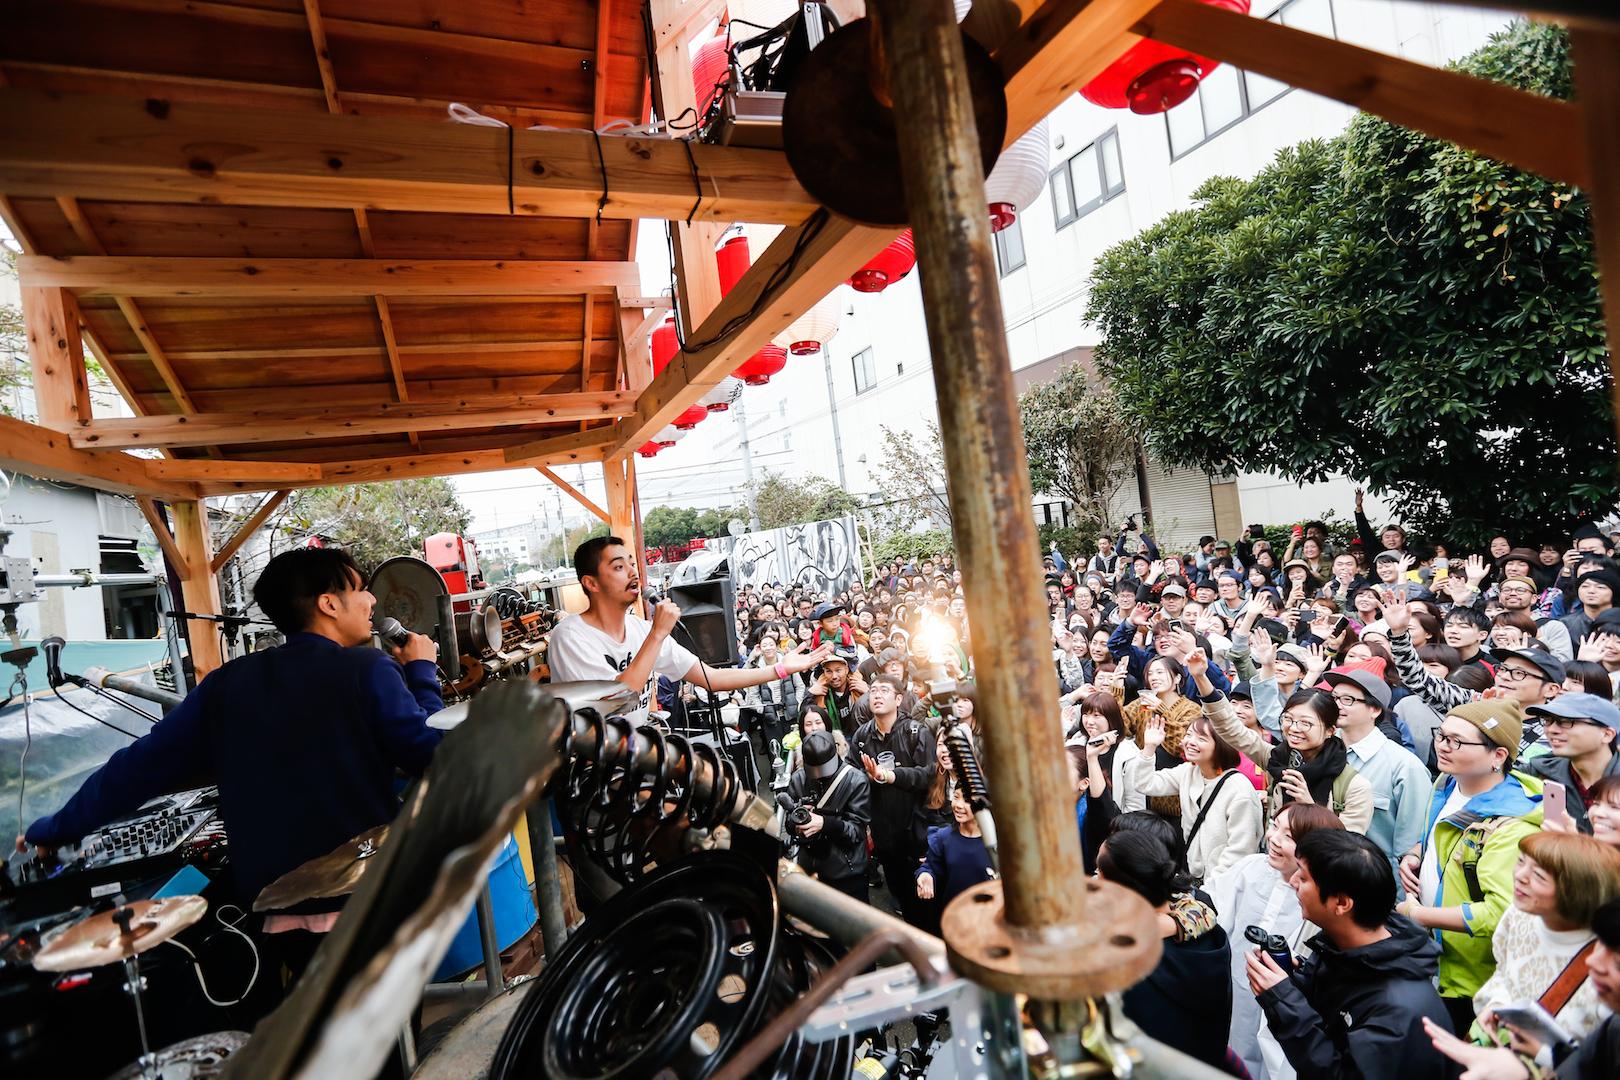 鉄工島FES 2018・KAKATO(環ROY×鎮座DOPENESS)・山車ステージ(山本修路_市川平)」 (C)行本正志